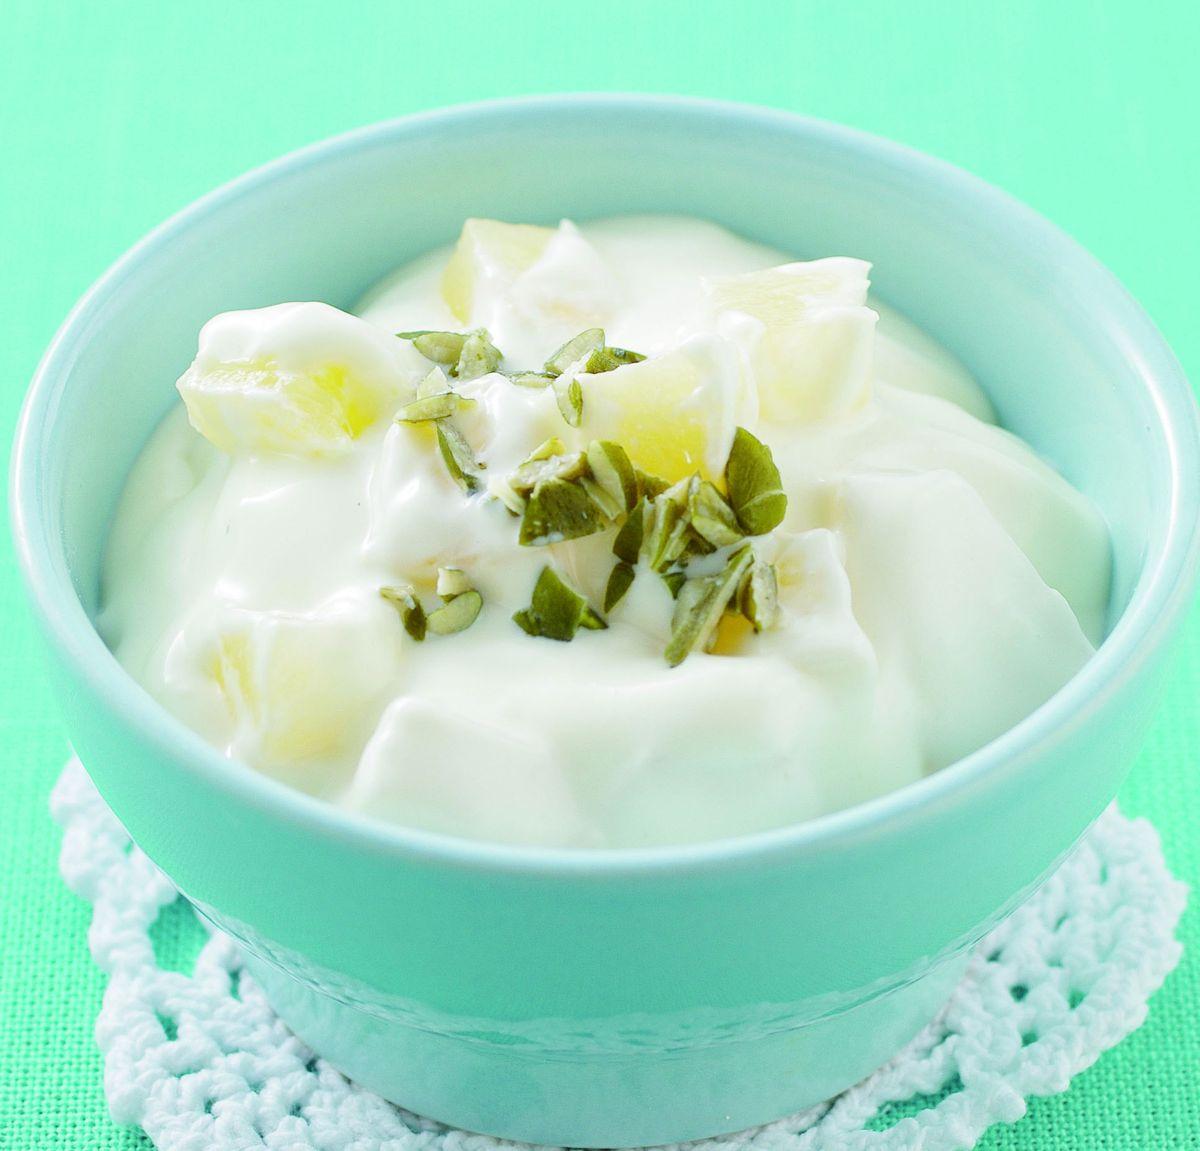 食譜:鳳梨南瓜籽風味醬